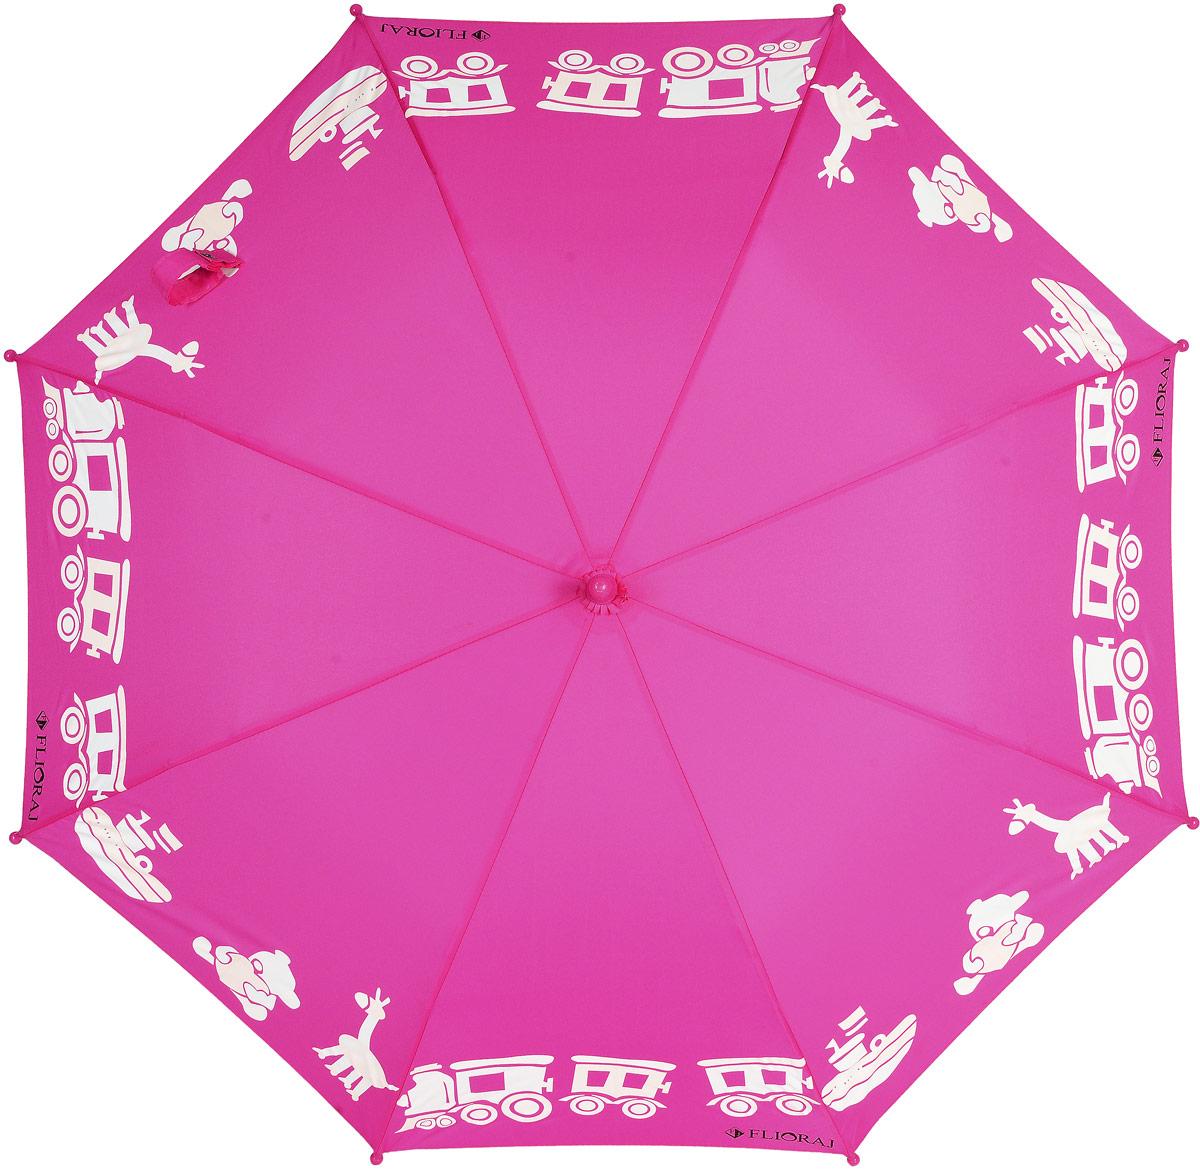 Зонт детский Flioraj, цвет: фуксия. 051210051210 FJ_розовый2Оригинальный и яркий детский зонт от Flioraj станет замечательным подарком для вашего ребенка. Изделие имеет механический способ сложения: и купол, и стержень открываются и закрываются вручную до характерного щелчка. Зонт состоит из восьми пластиковых спиц и стержня, изготовленного из металла. Яркий купол выполнен из качественного полиэстера, который не пропускает воду, и оформлен принтом в виде игрушек. Ручка выполнена из пластика и дополнена подвеской-свистком. Оригинальный дизайн зонта поднимет настроение не только вам, но и окружающим.